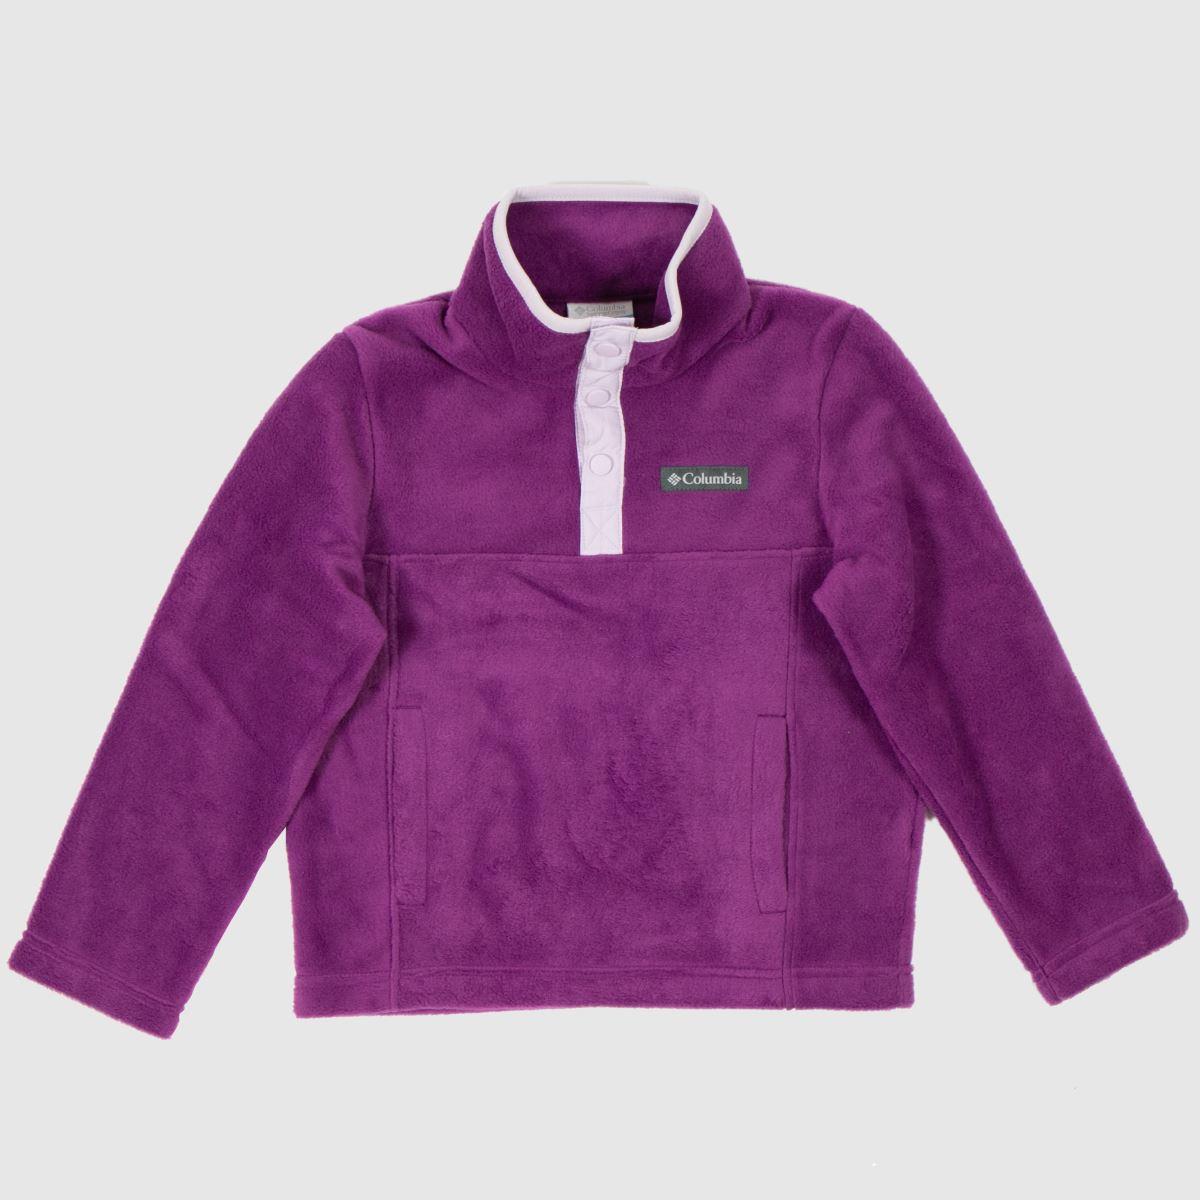 Columbia  Purple Kids Fleece Half Zip